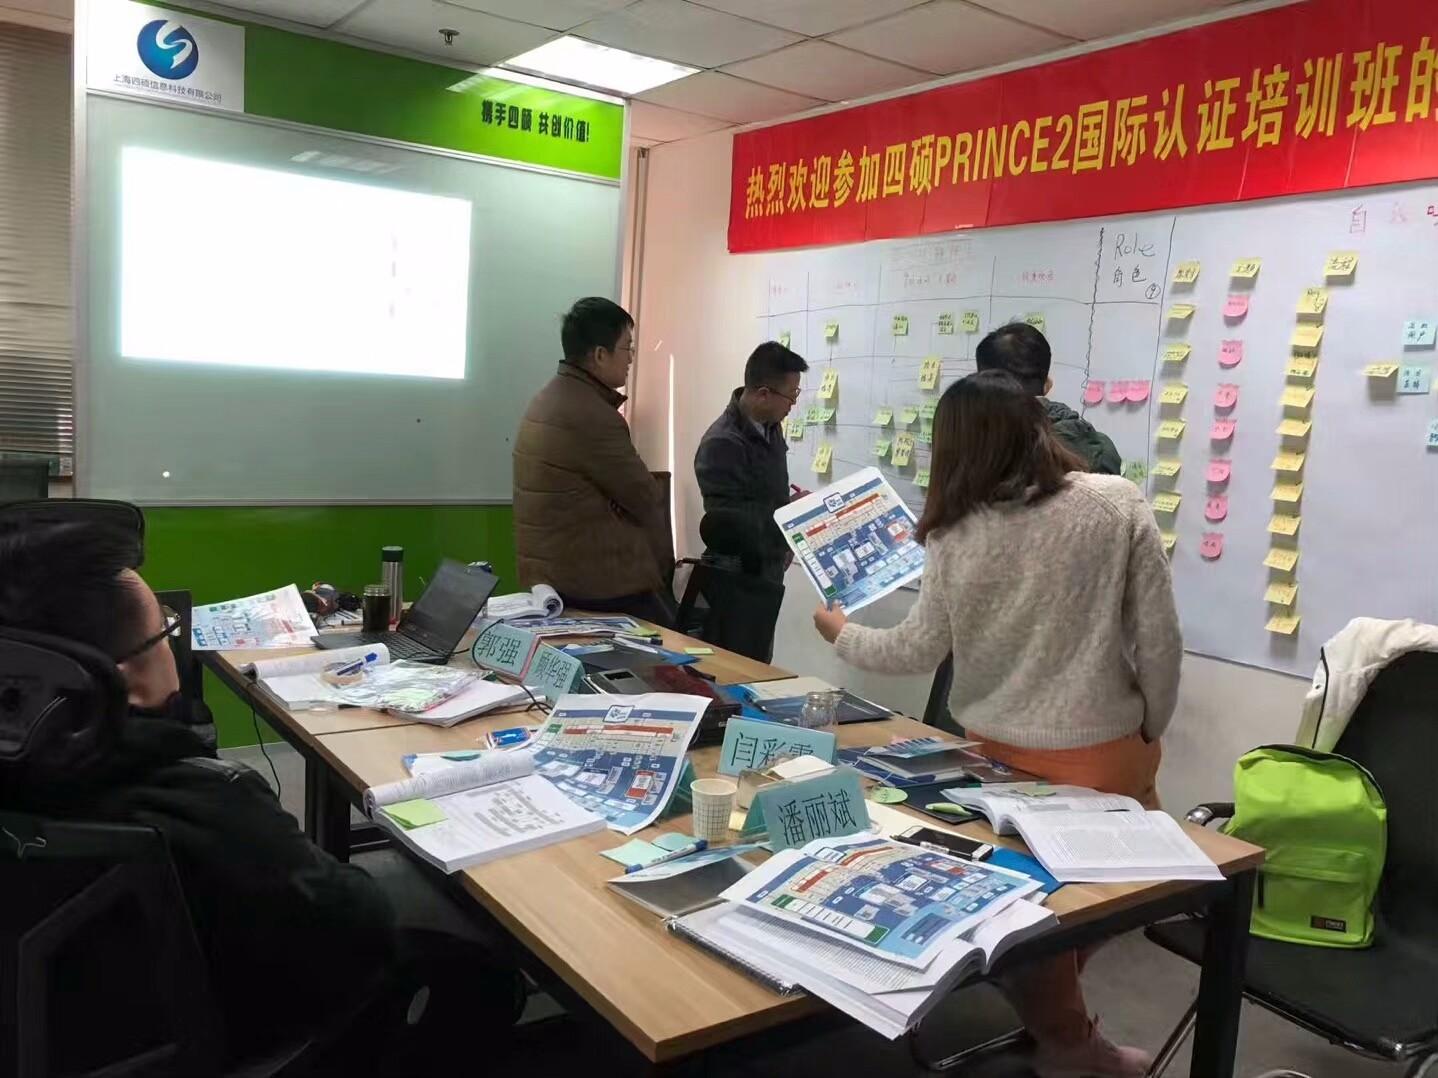 2017年12月9-10日四硕项目管理PRINCE2®认证班圆满收尾